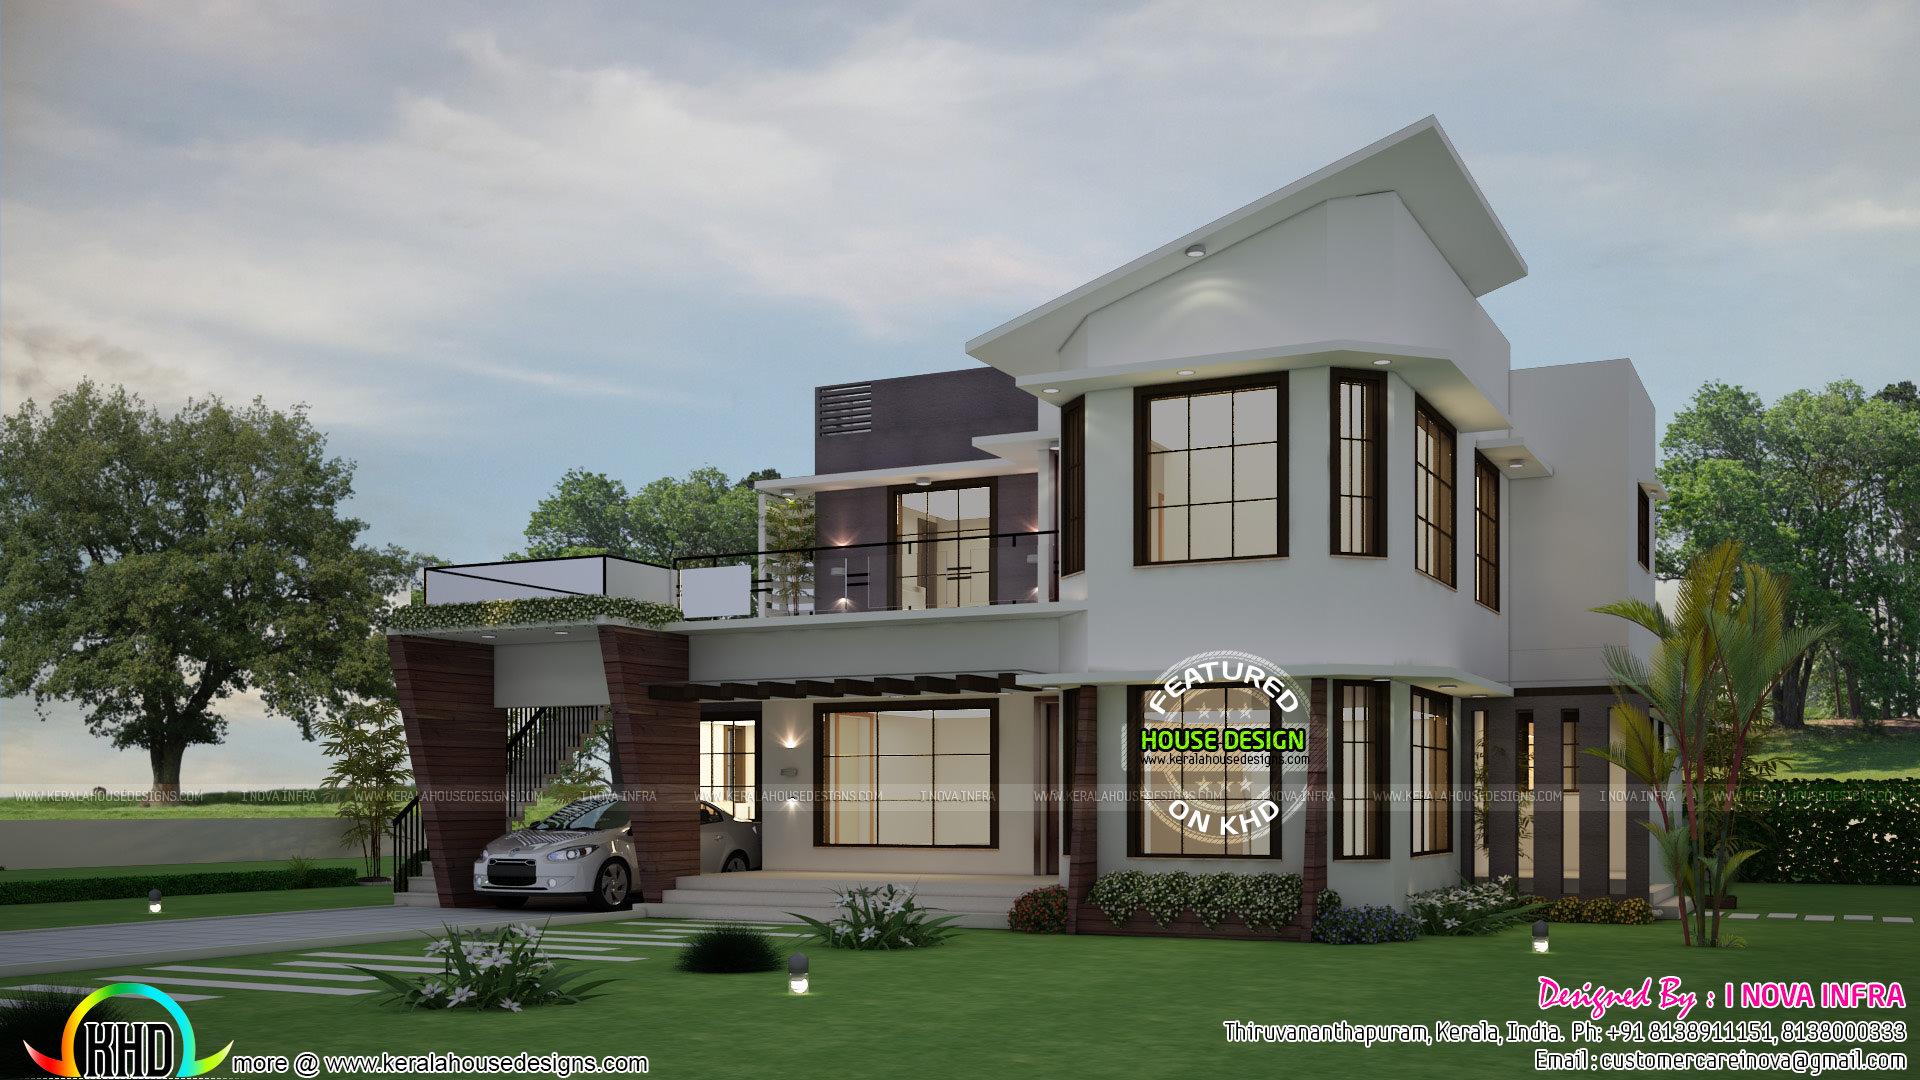 5 BHK unique modern home plan